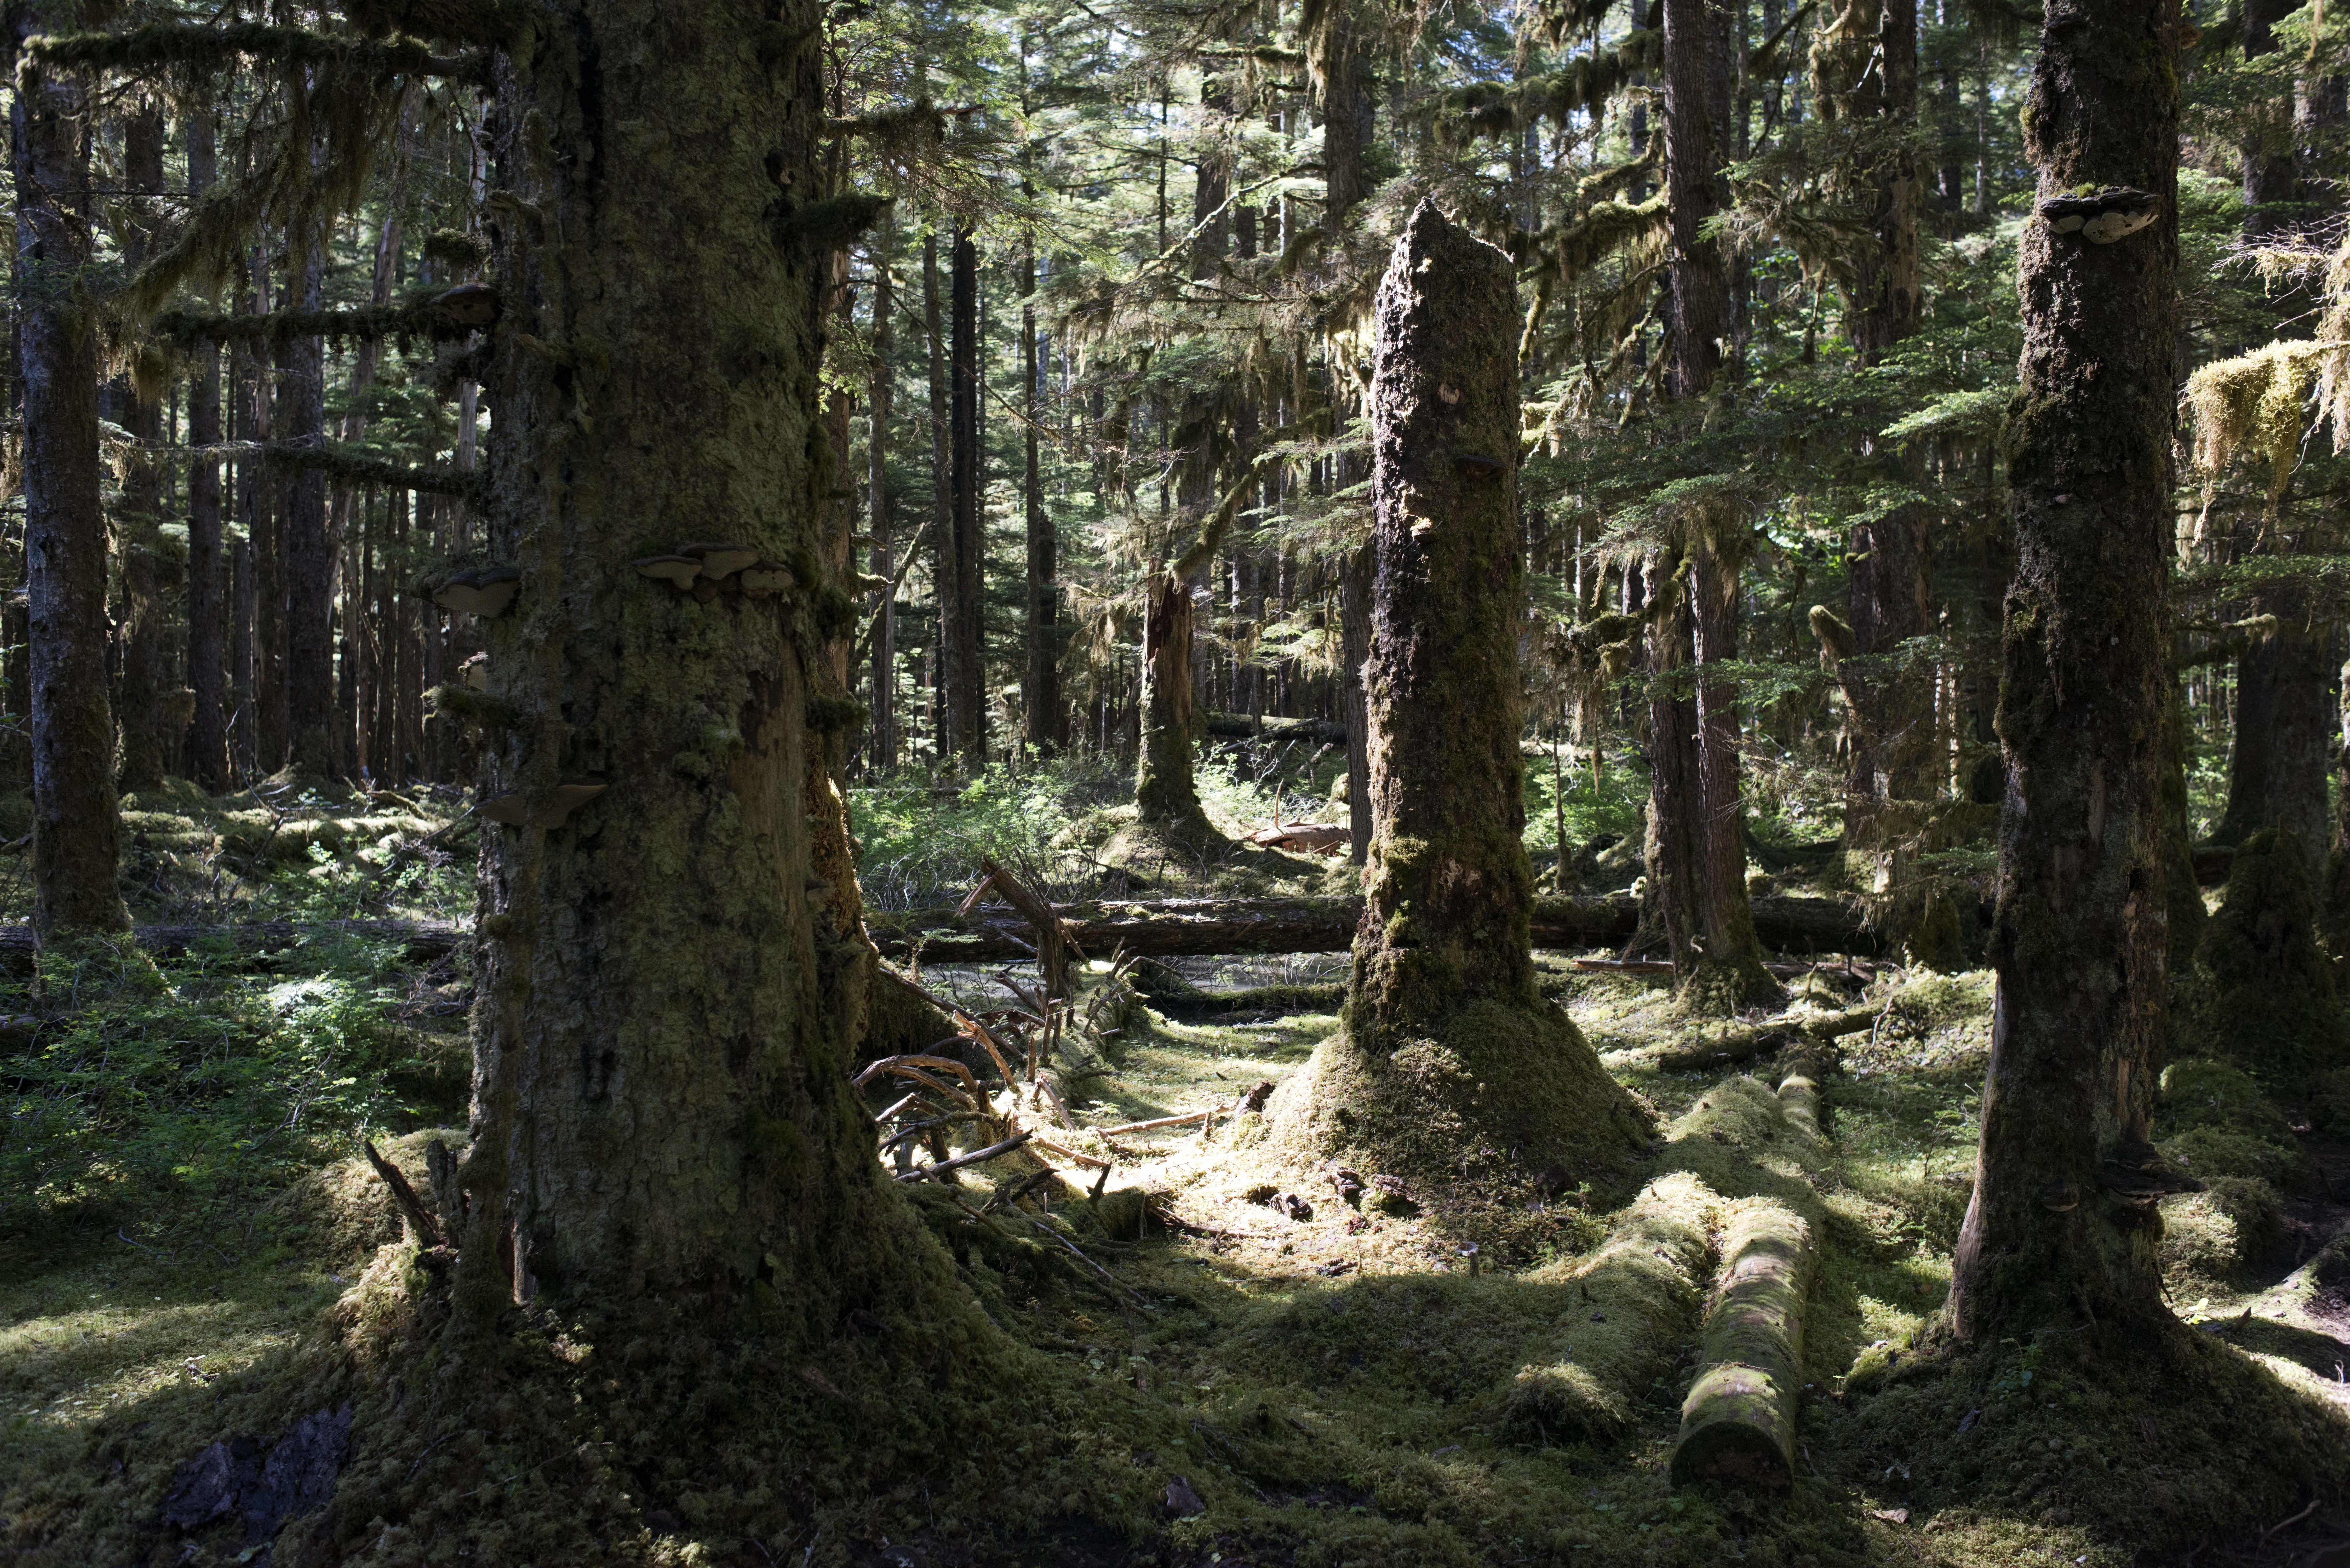 Trump engedélyezné a favágást a világ legnagyobb mérsékelt égövi esőerdejében